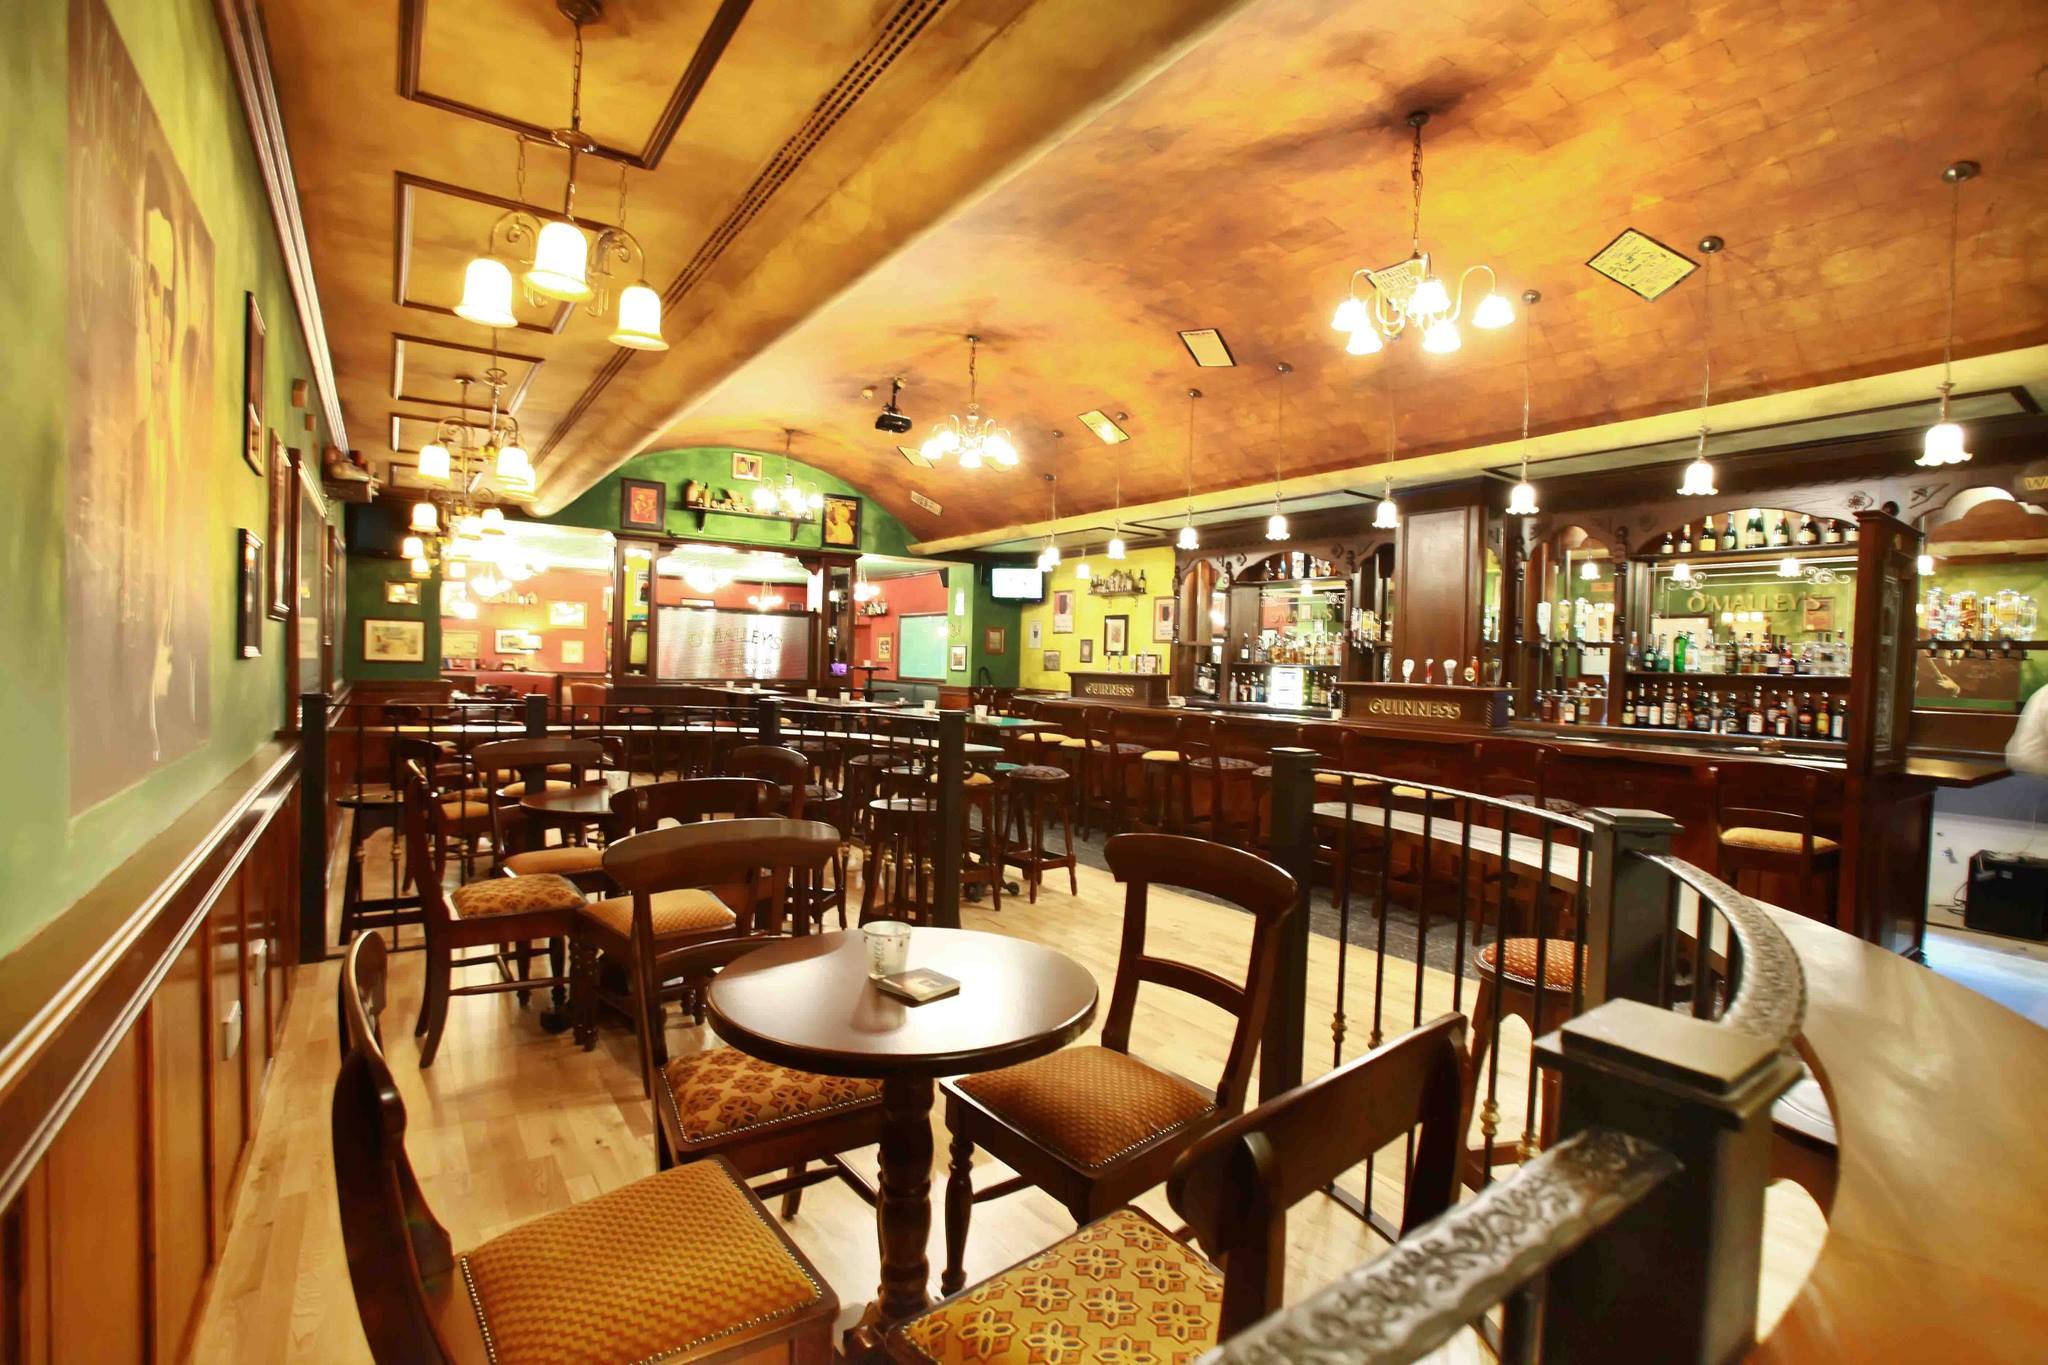 radisson blu muscat ol irish pubs irish pub company and irish pub design ol irish pubs. Black Bedroom Furniture Sets. Home Design Ideas